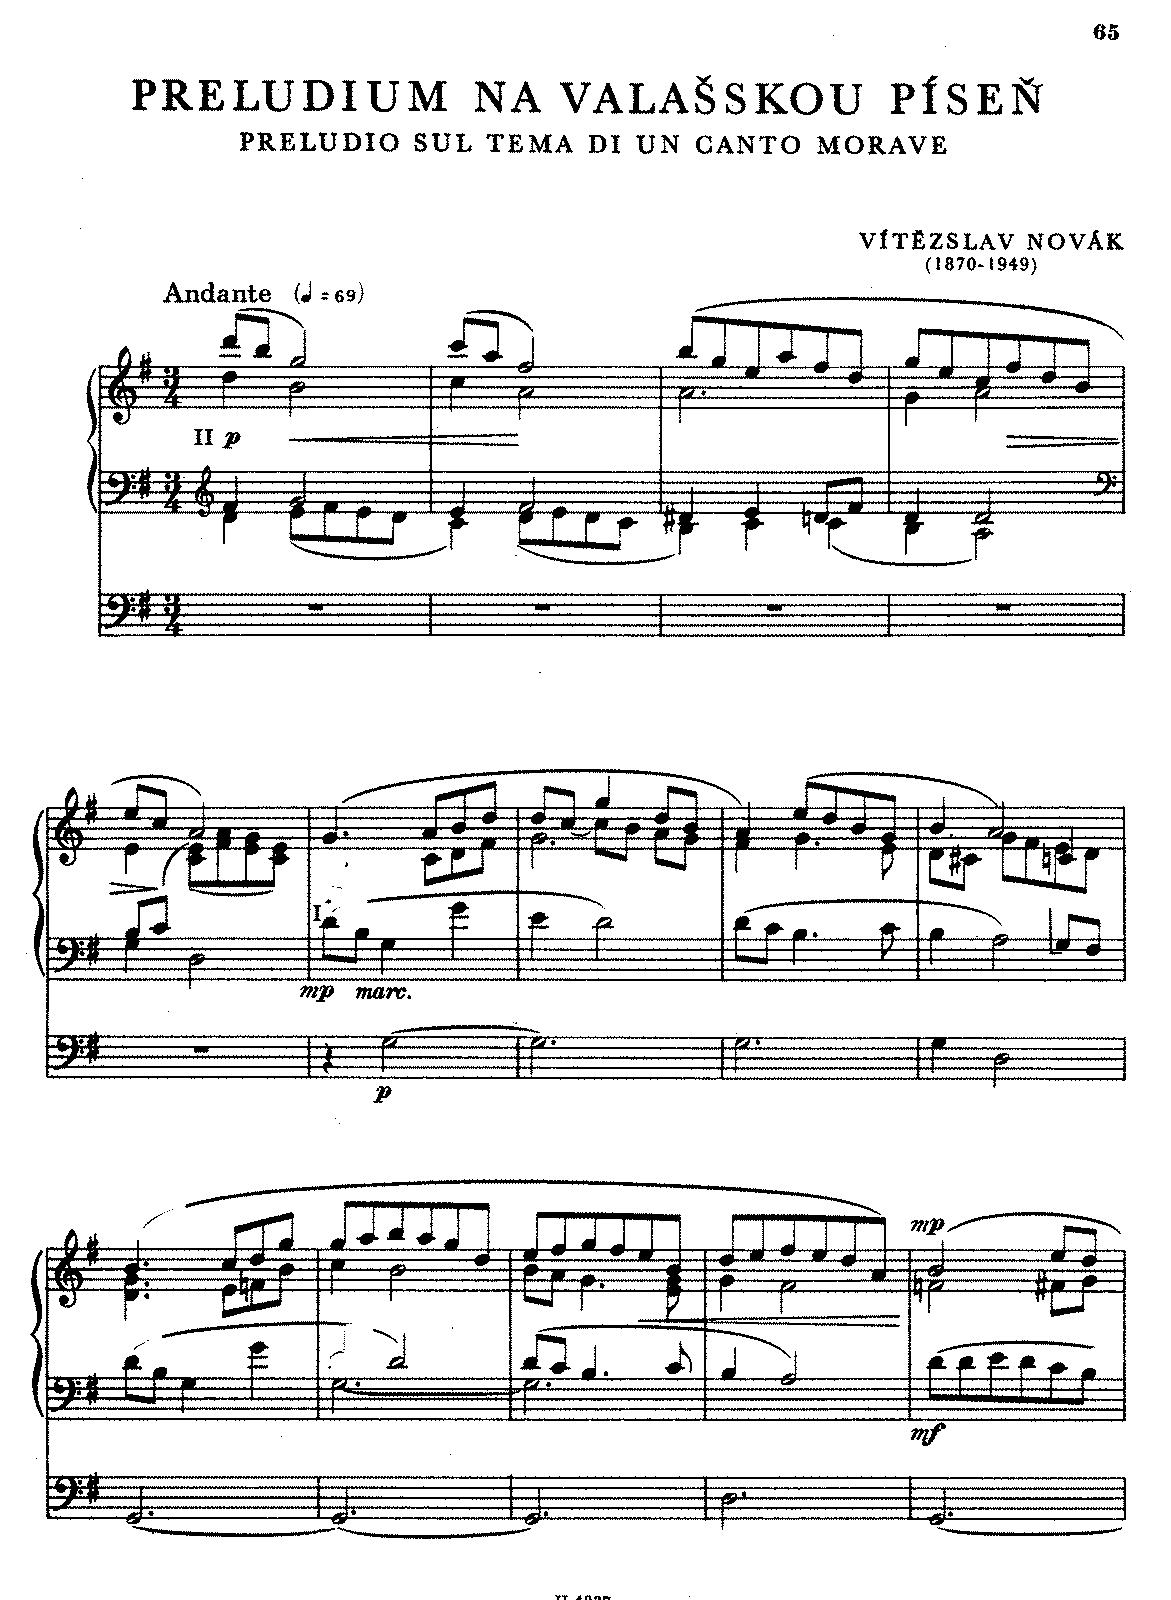 Prelude on a Moravian Folksong (Novák, Vítězslav) - IMSLP